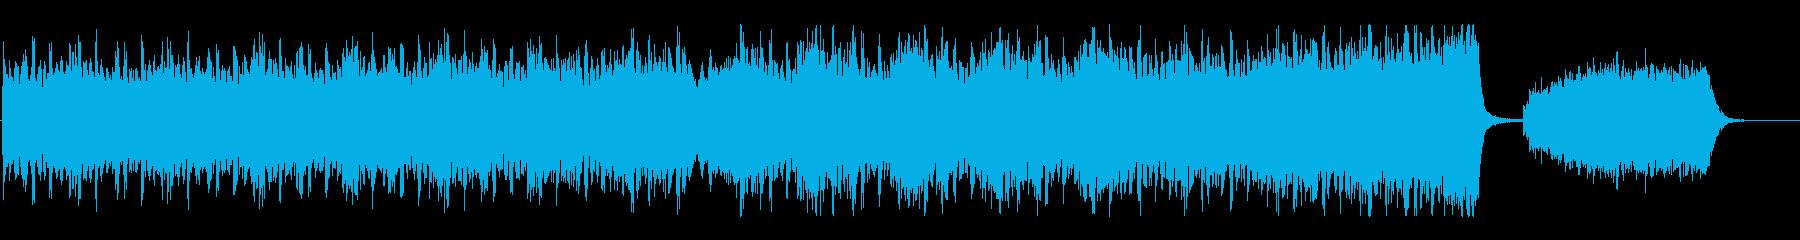 トレーラー音楽:ロックオーケストラの再生済みの波形